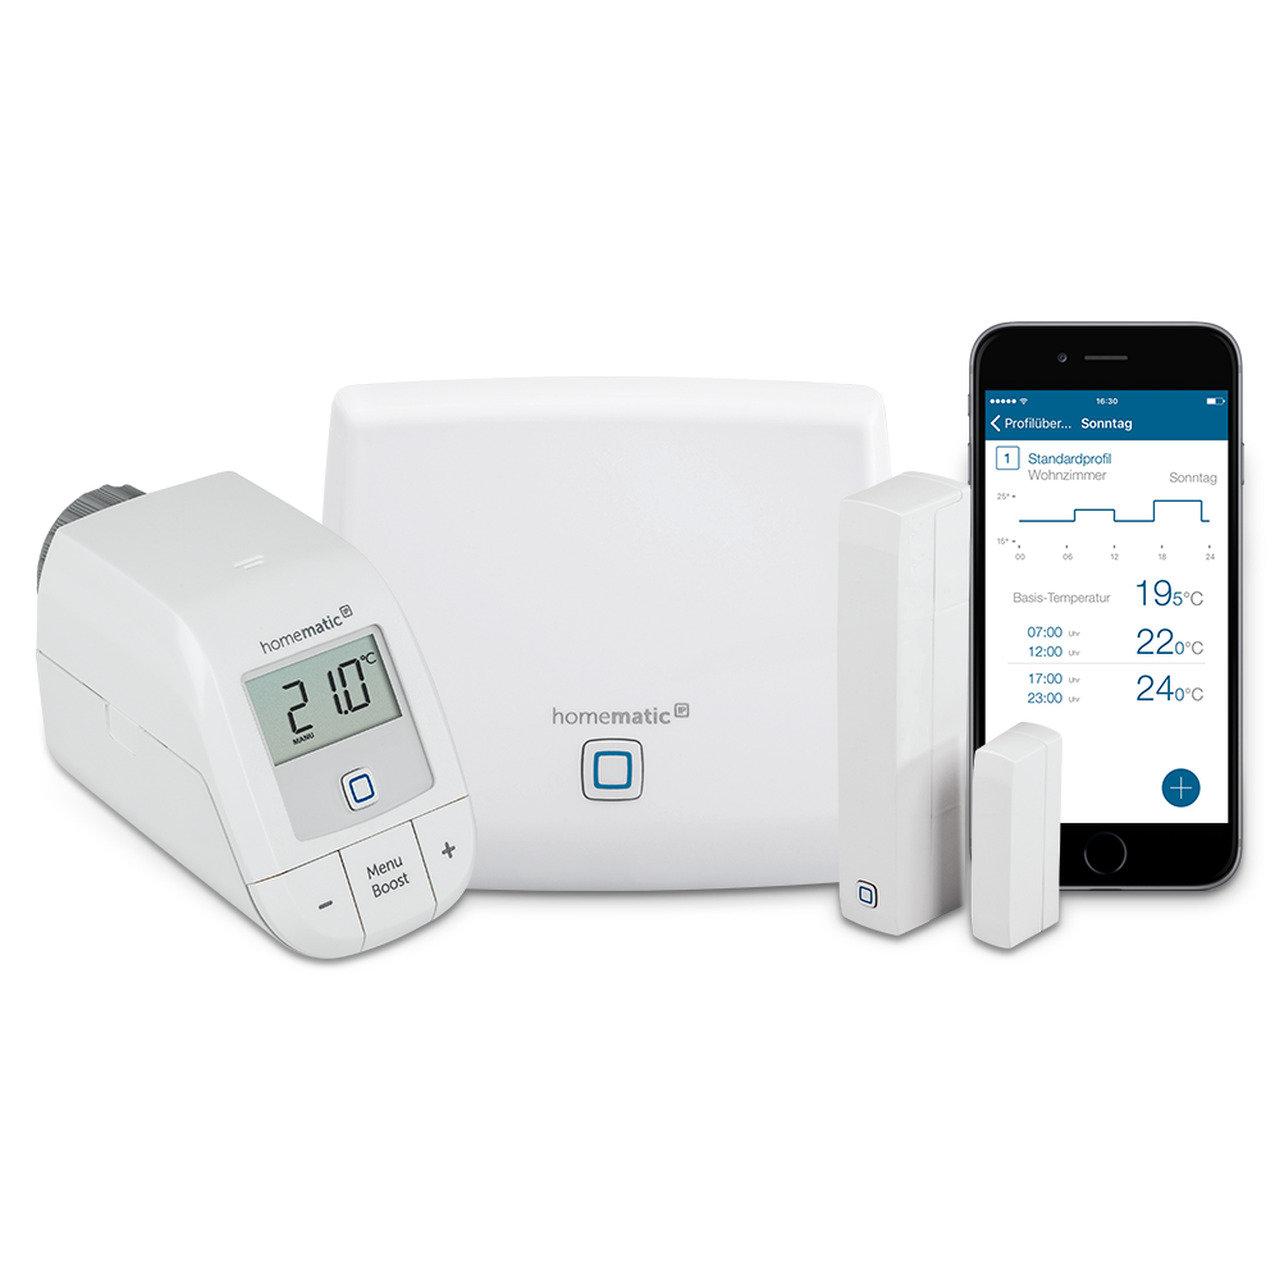 Homematic IP HmIP - Пакет Основен стартов за интелигентно управление на парно, 1хТочка за достъп, 1хЕлектронна термоглава с безжично управление, 1хСензор за прозорец